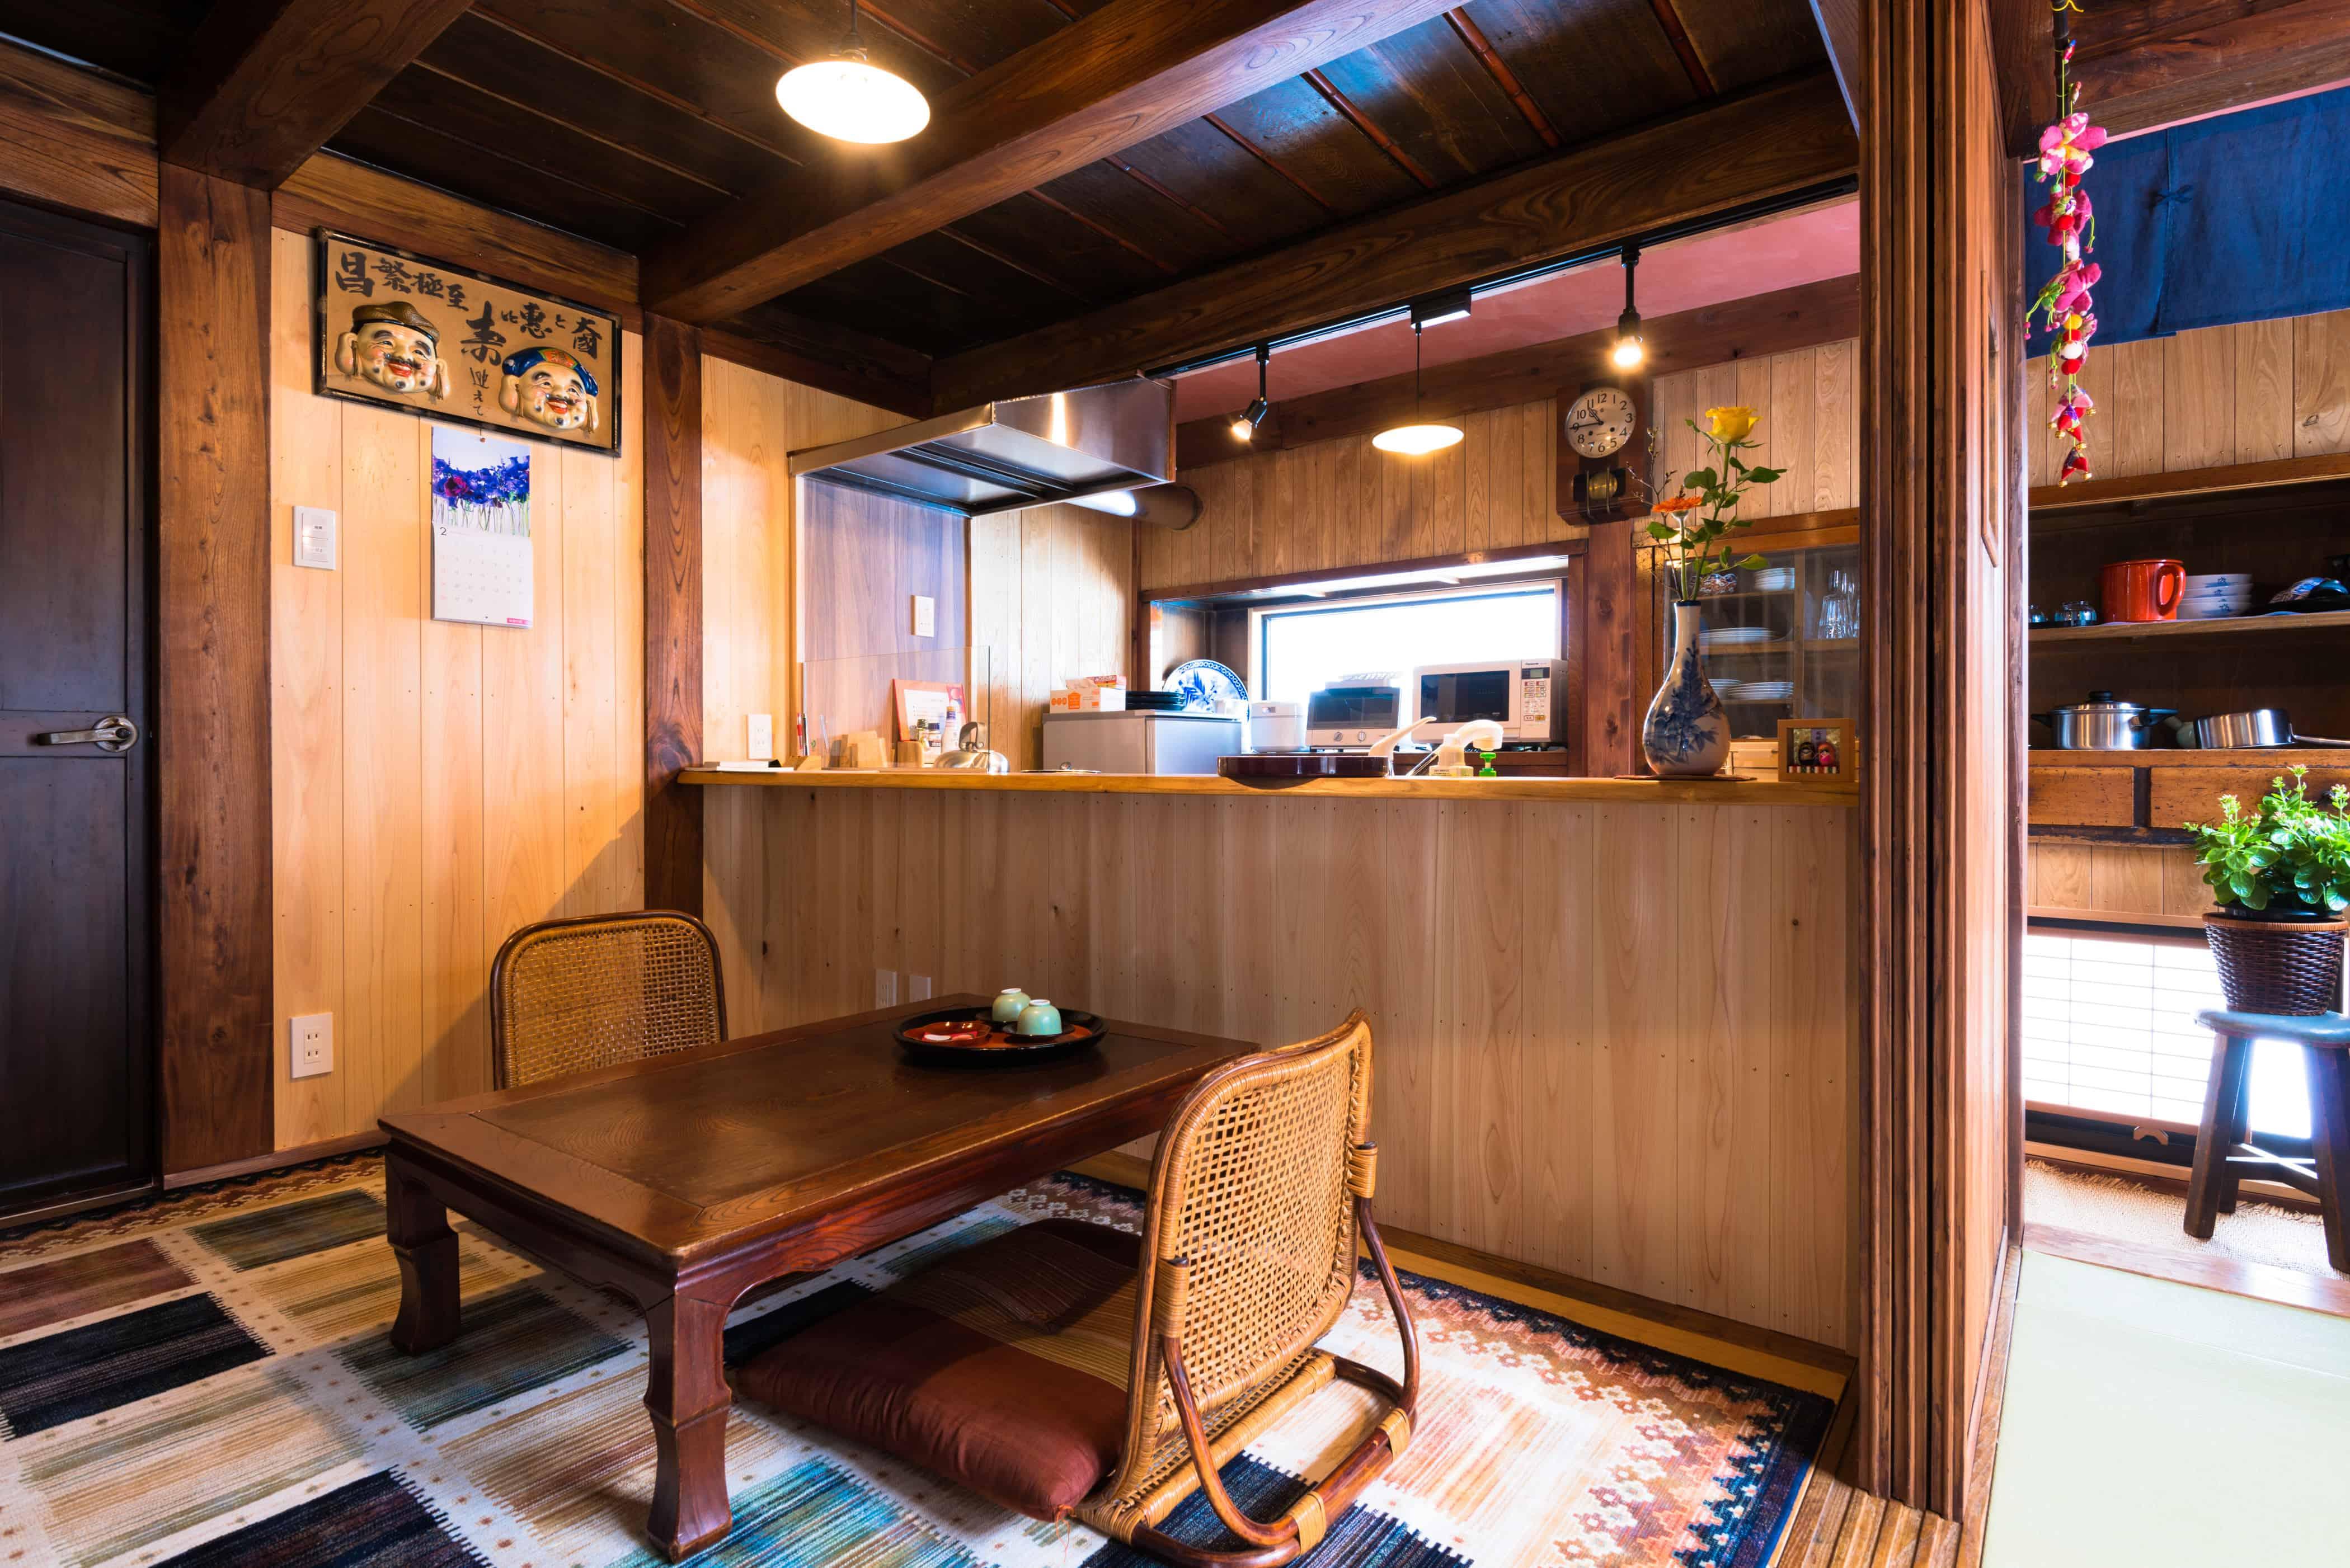 บ้านพัก Itakura Hakugiri ที่สามารถจองได้จากเว็บ Stay Japan